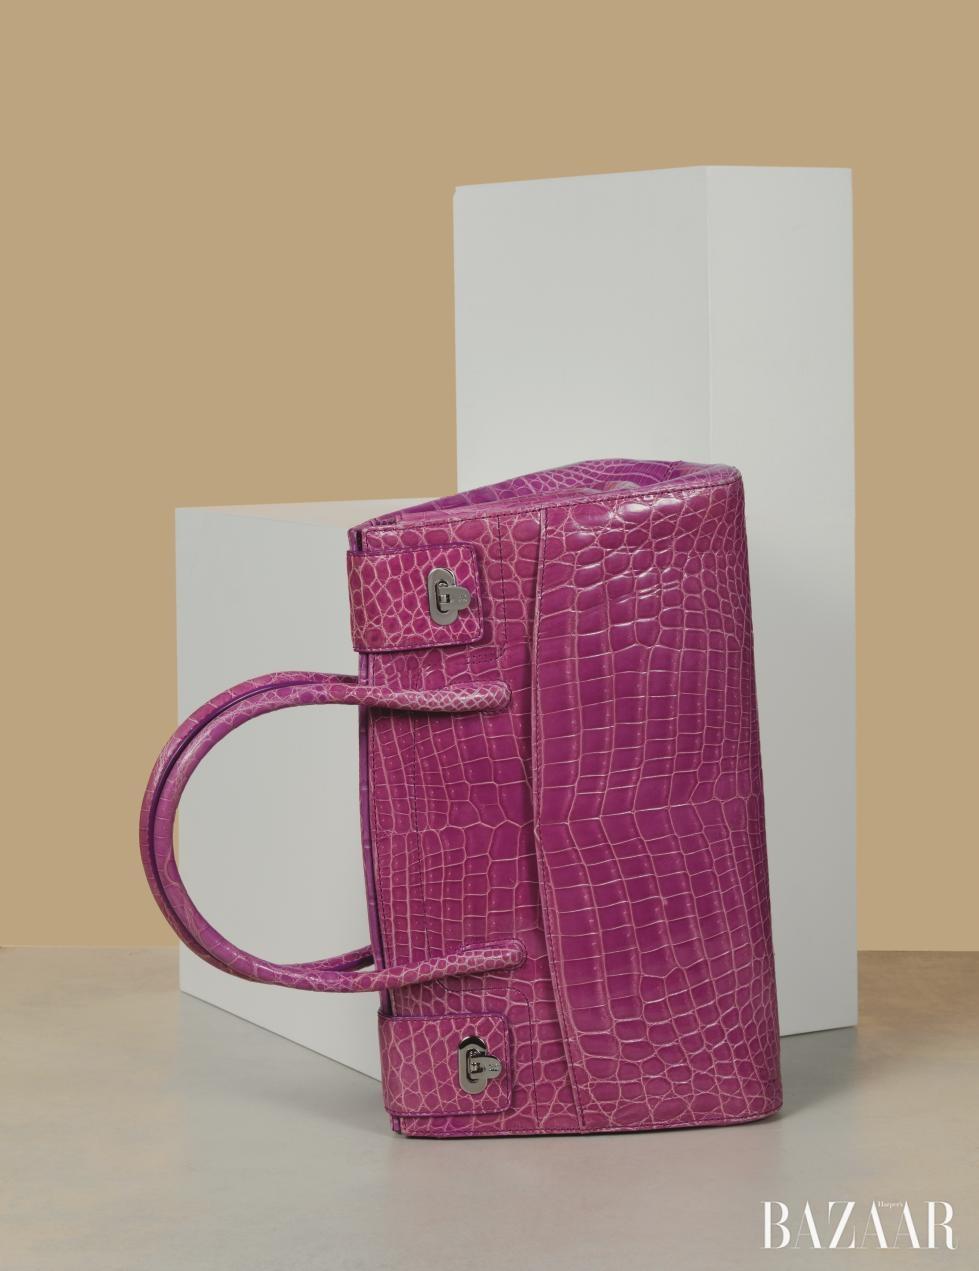 핑크 컬러로 페미닌함을 강조한 백은 6백만원대로 <strong>Kwanpen